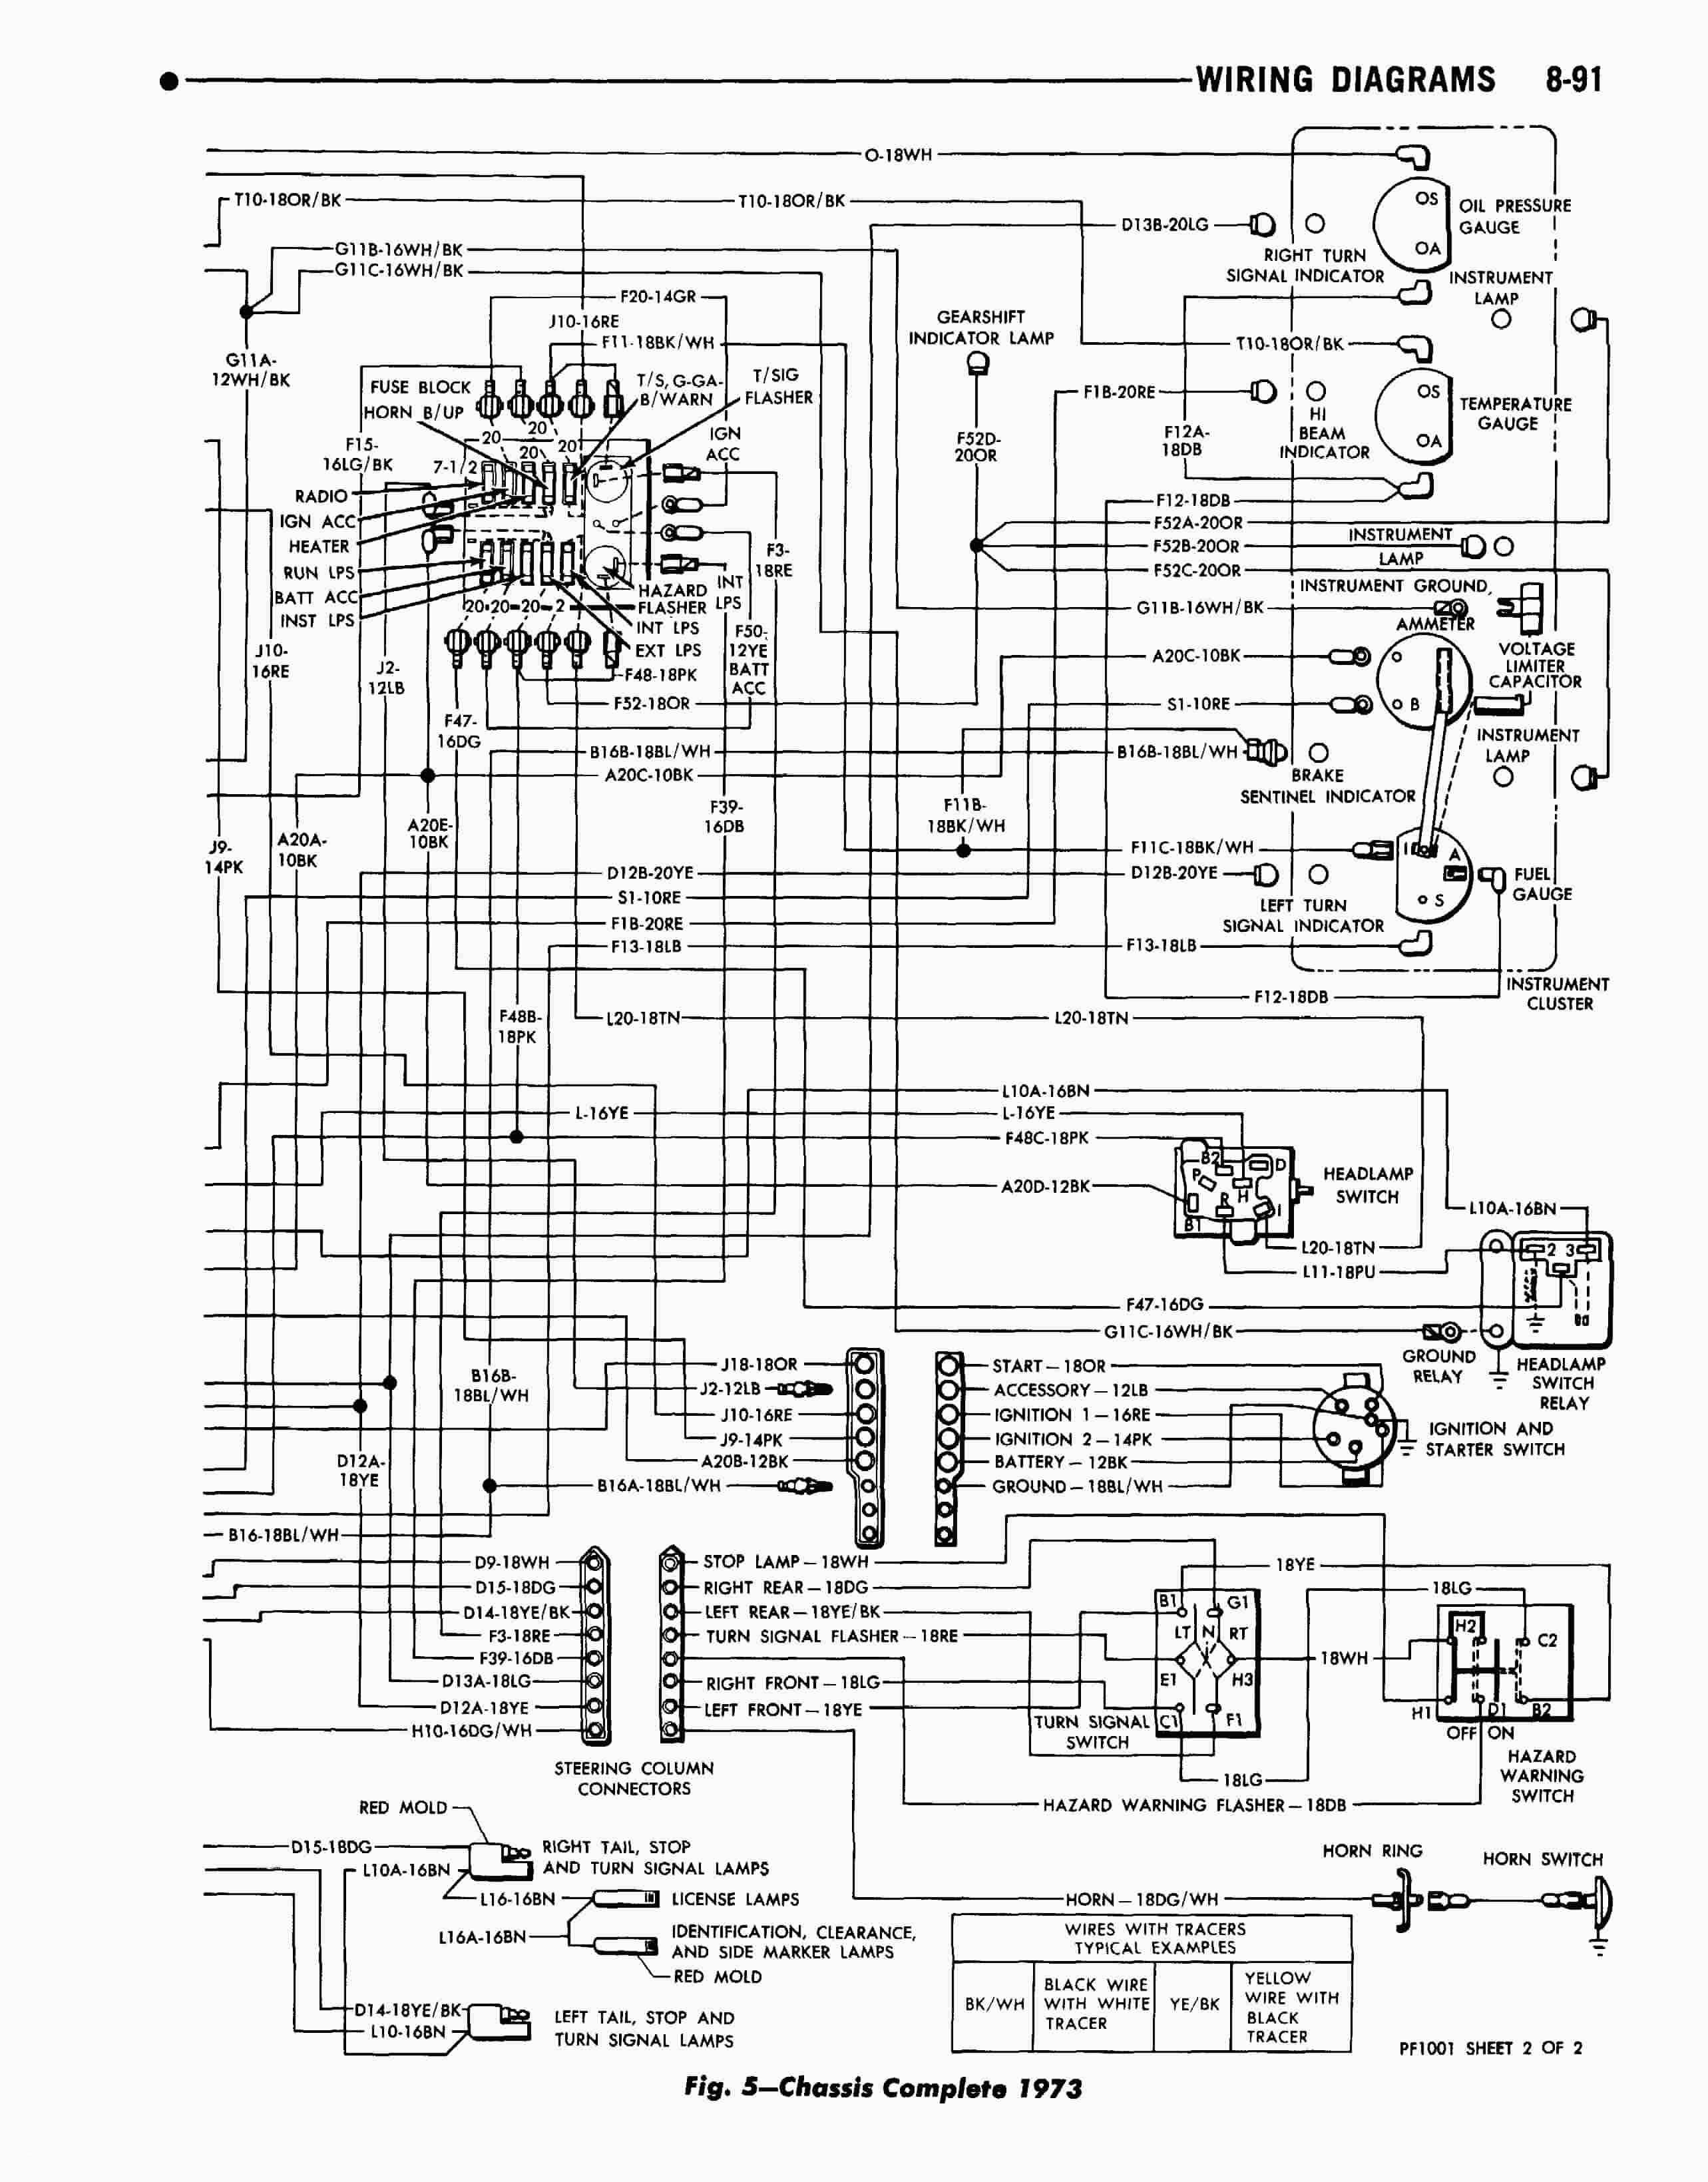 Bosch Relay Wiring Diagram Onan Genset - Epiphone Pro Wiring Harness -  jimny.yenpancane.jeanjaures37.frWiring Diagram Resource